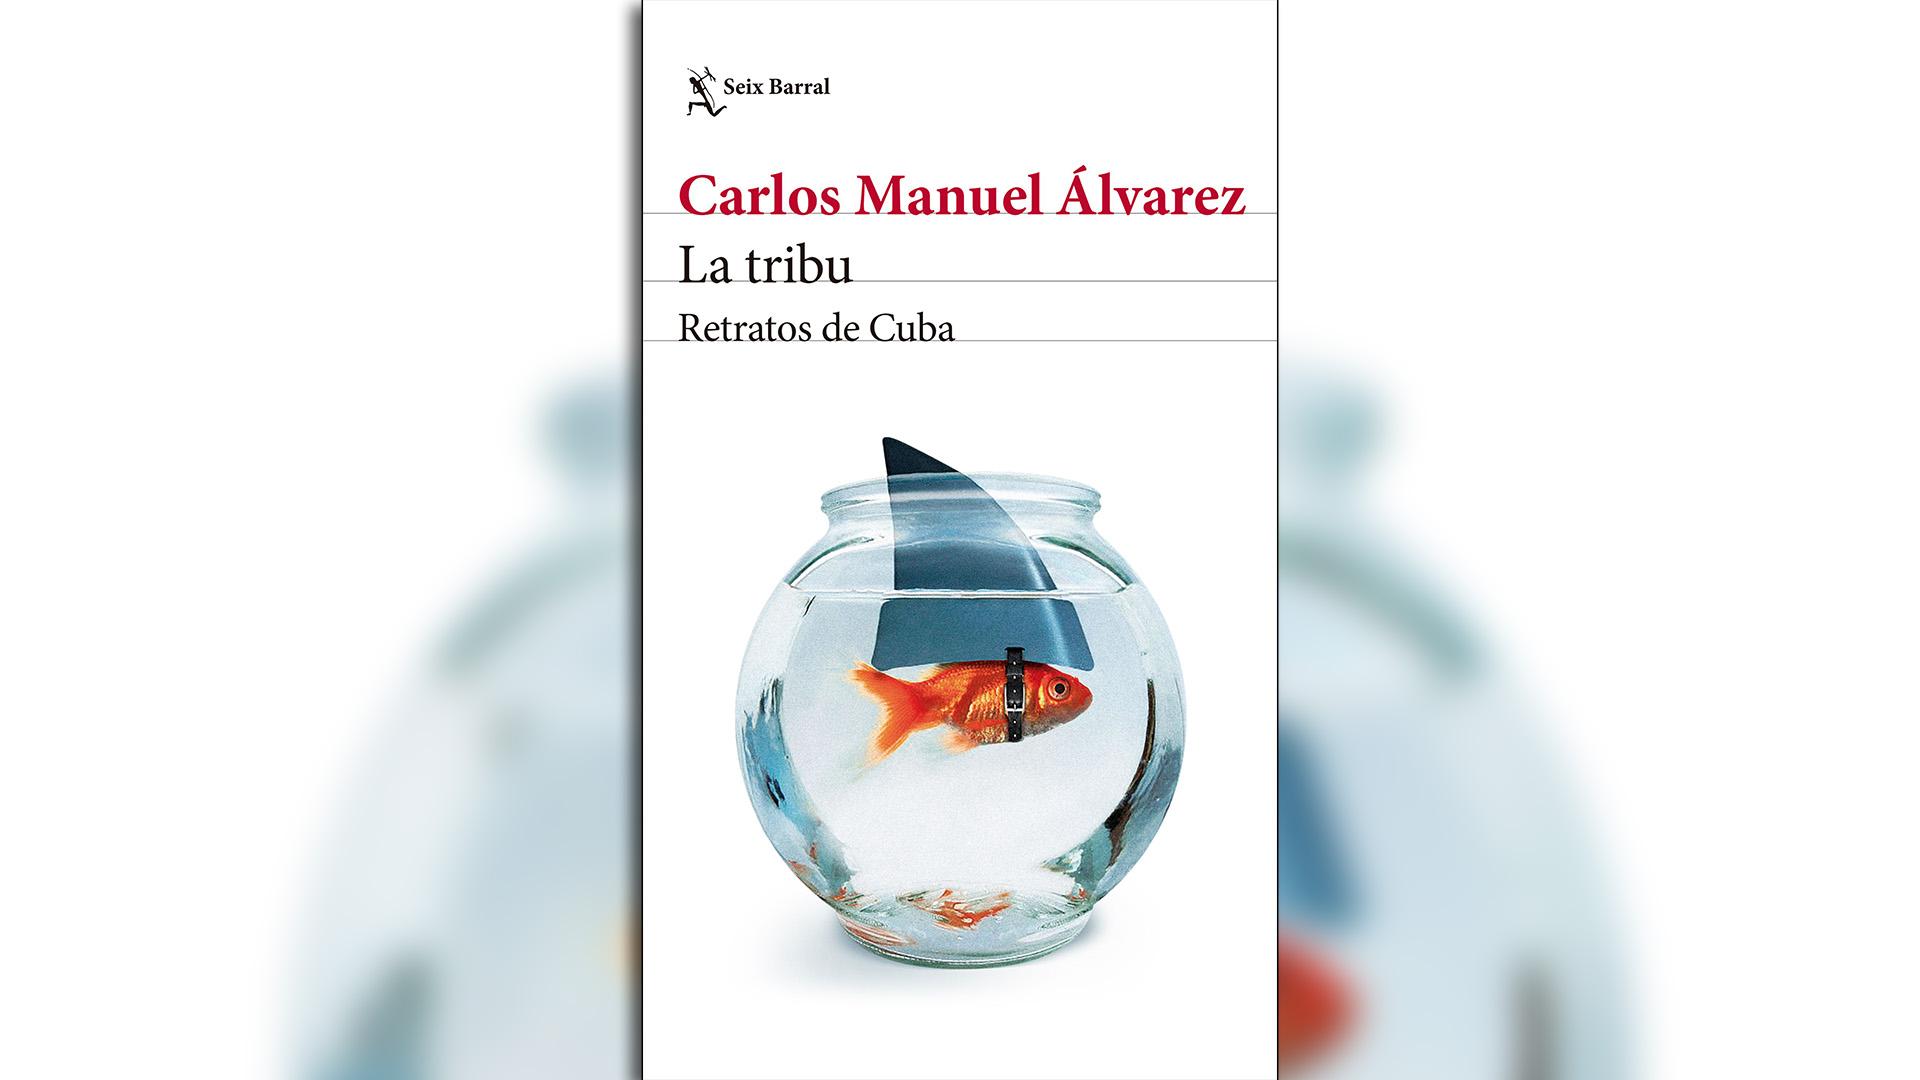 La Tribu, retratos de Cuba, Carlos Manuel Álvarez, Seix Barral